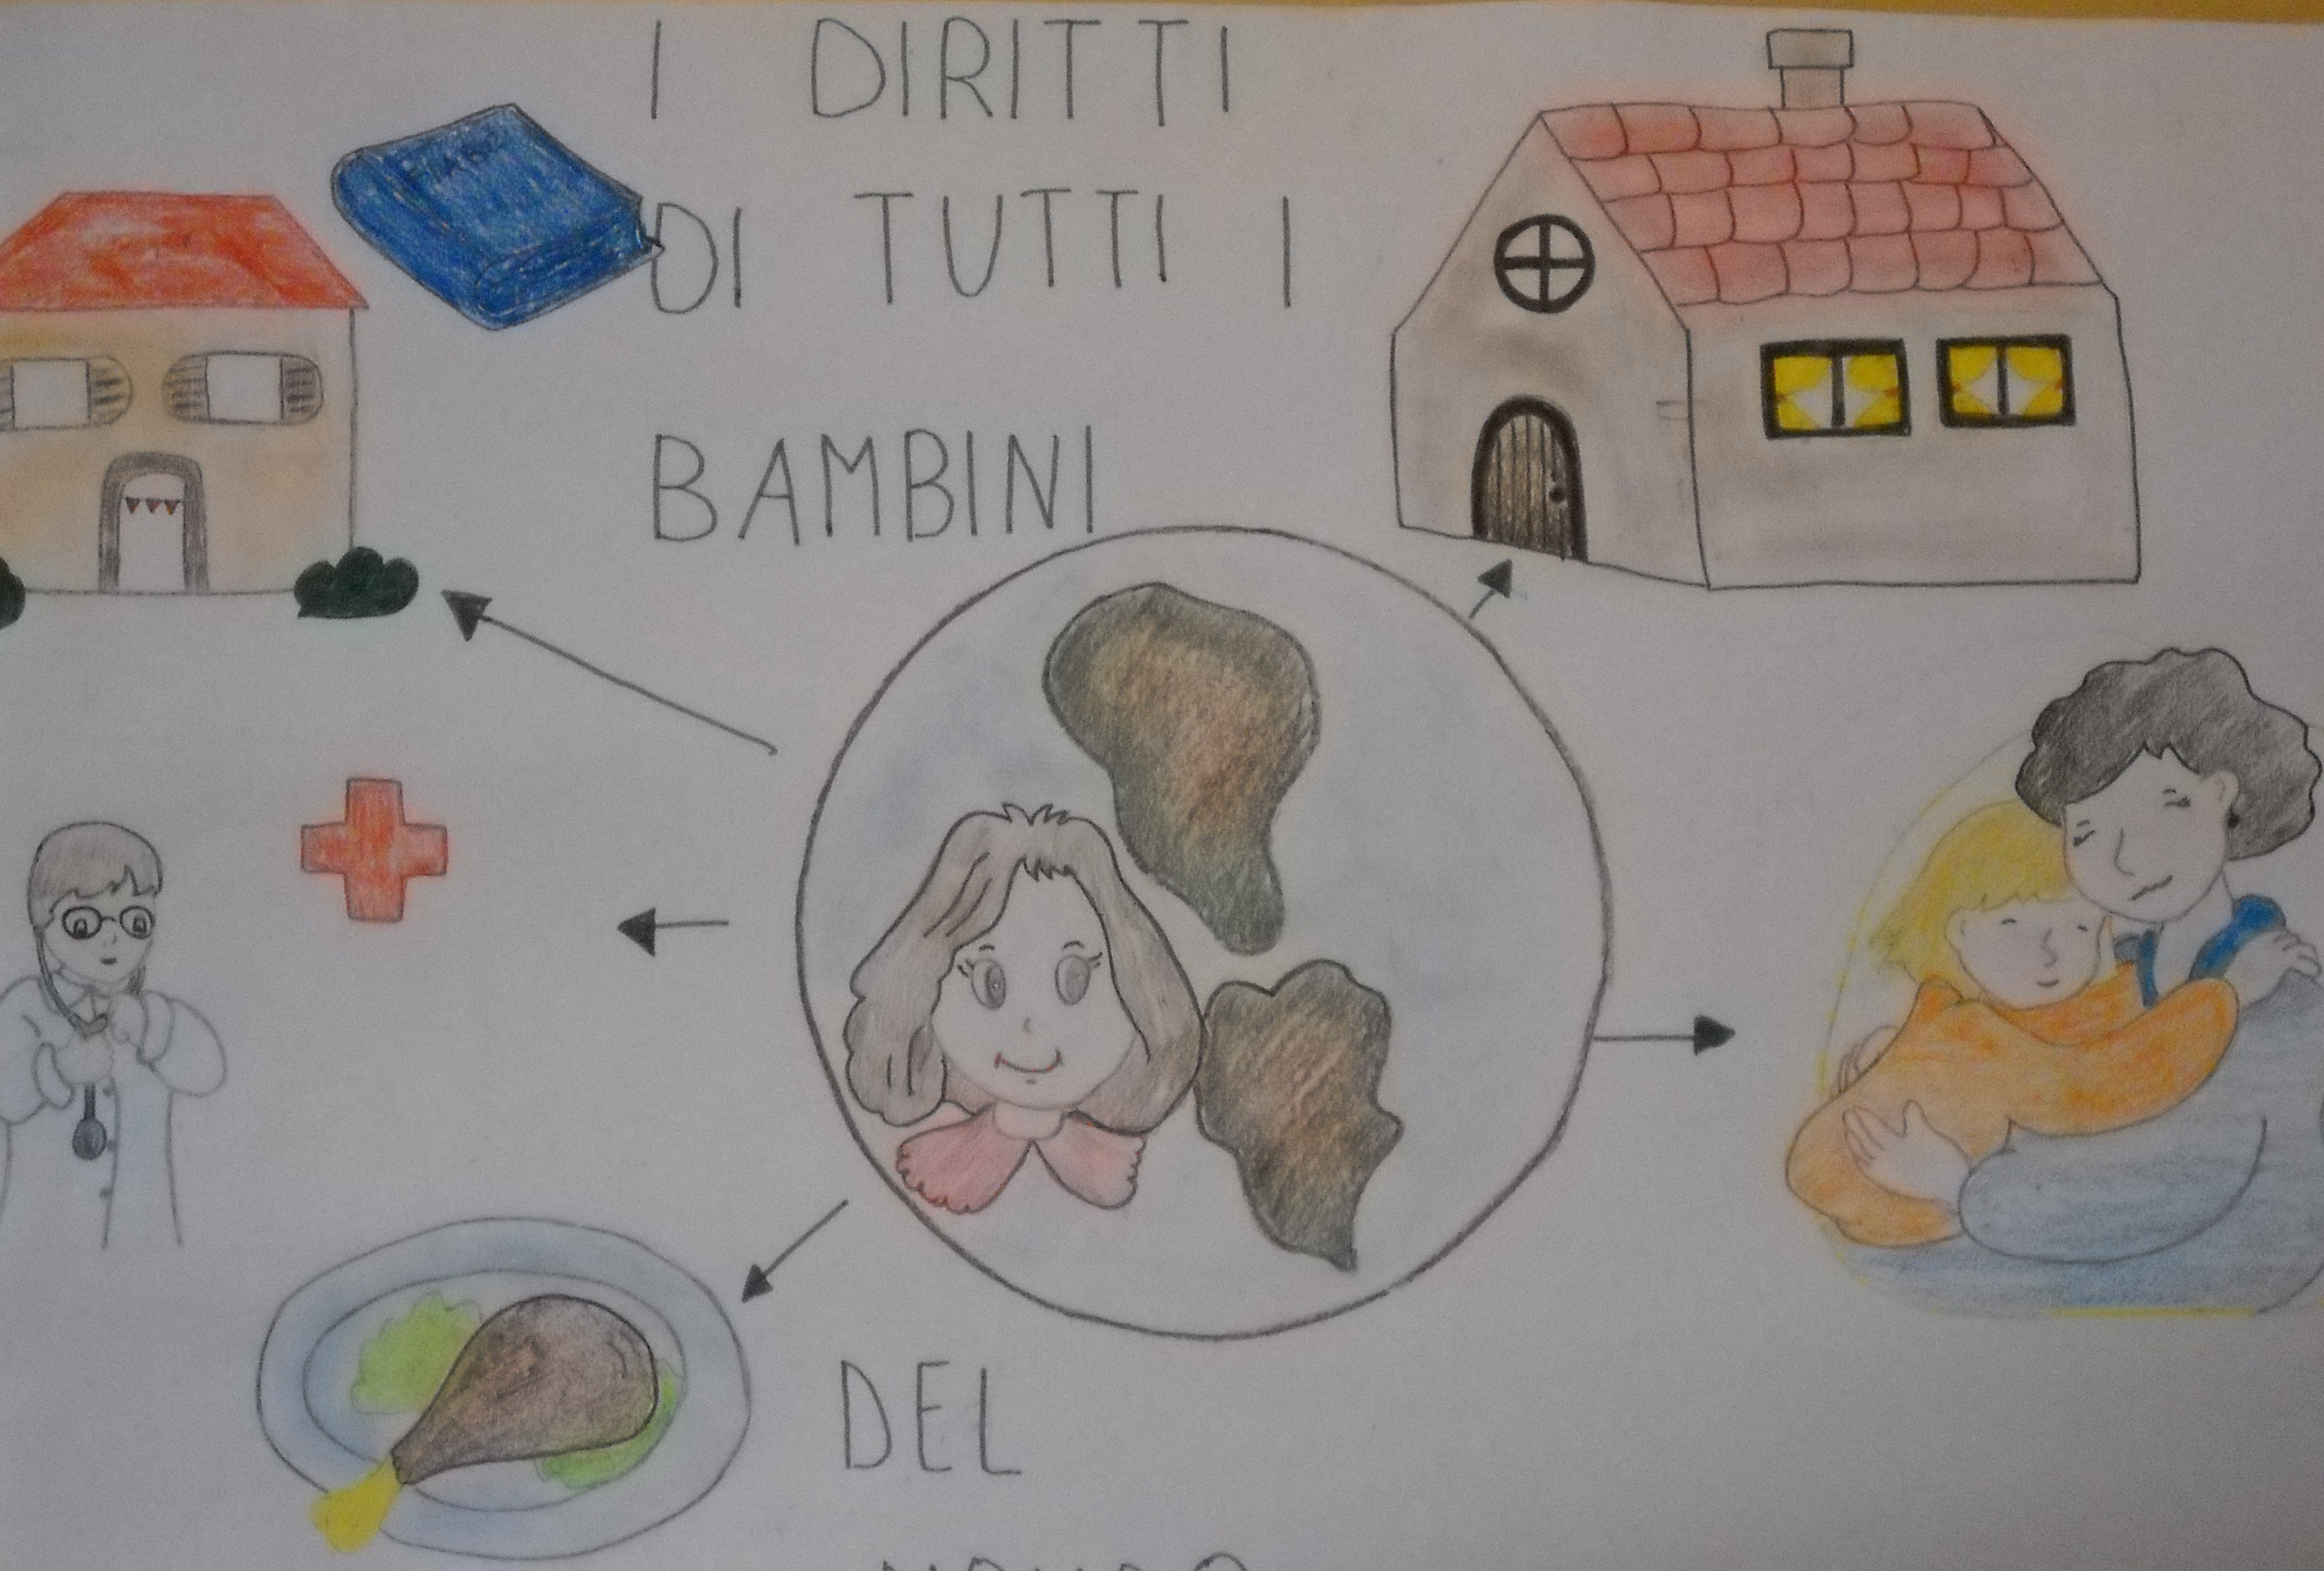 I Diritti Dei Bambini Disegni Da Colorare.I Diritti Dei Bambini Maestramaria